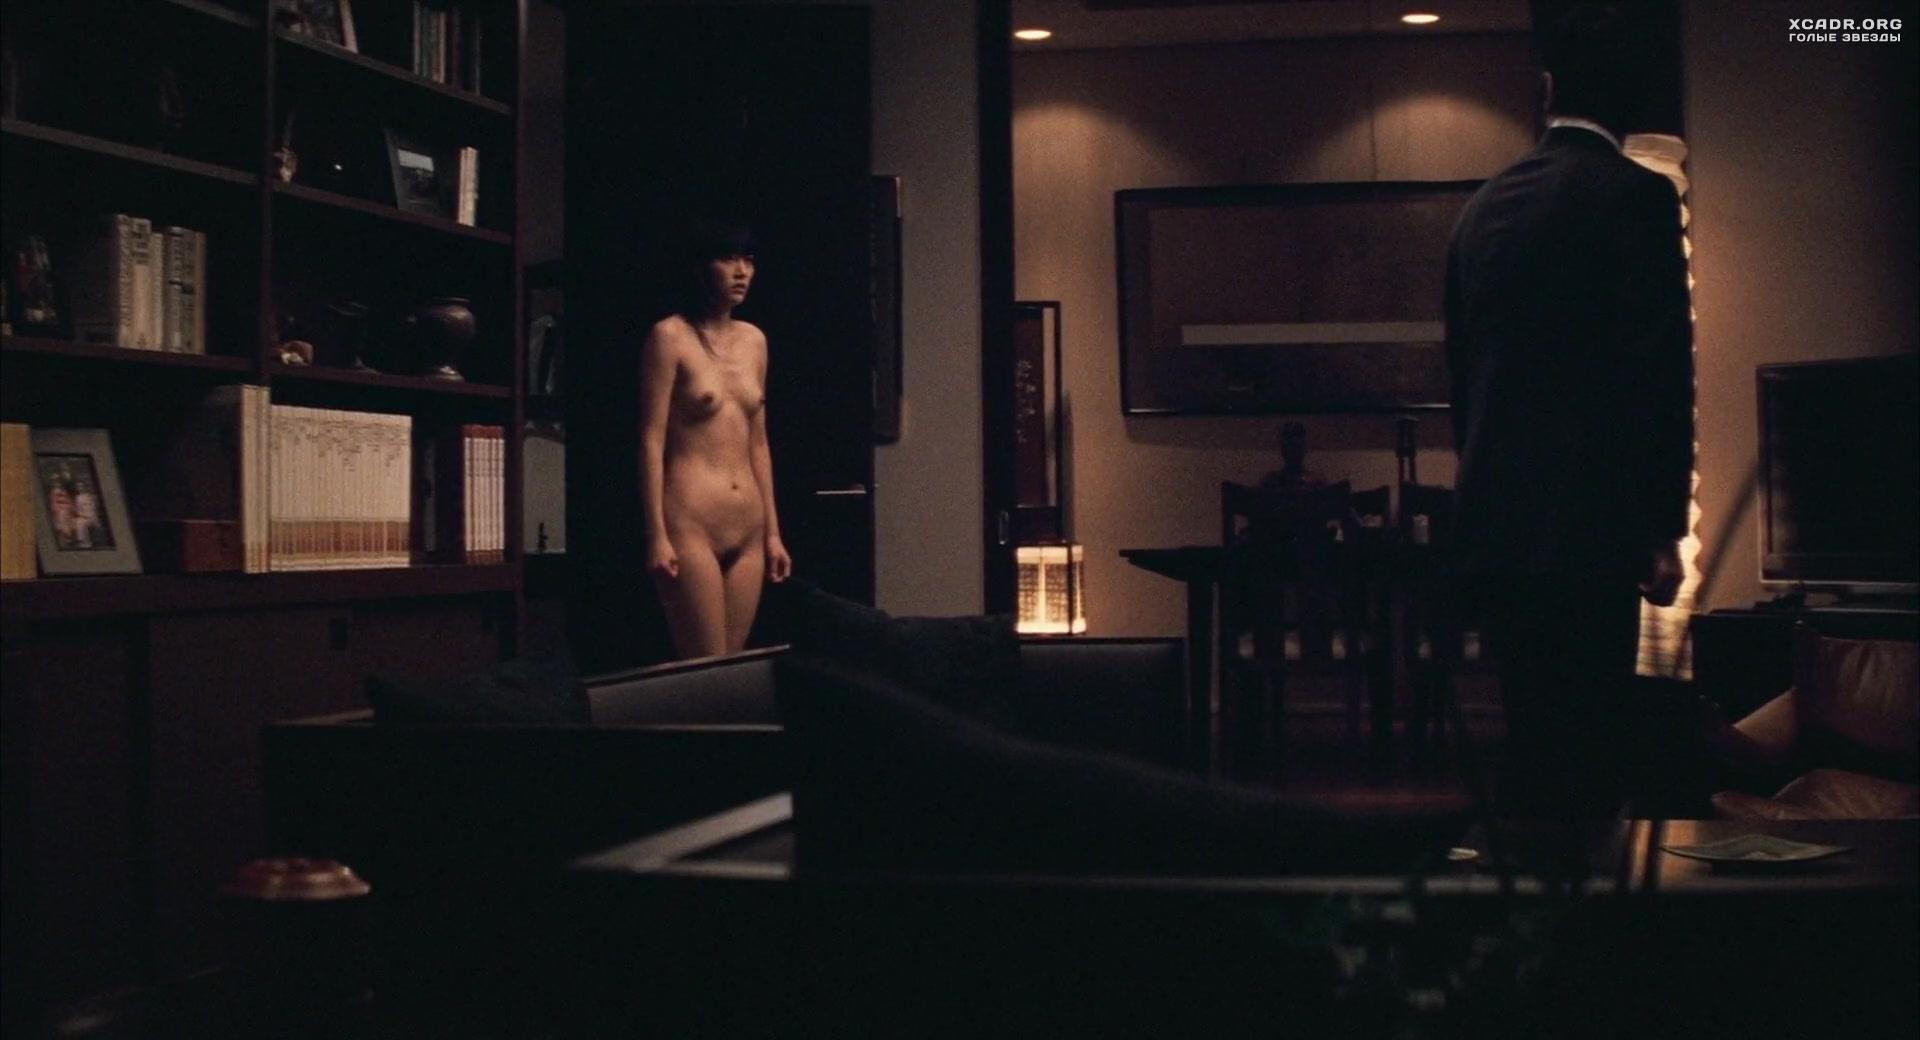 rinko-kikuchi-babel-pussy-gallery-movie